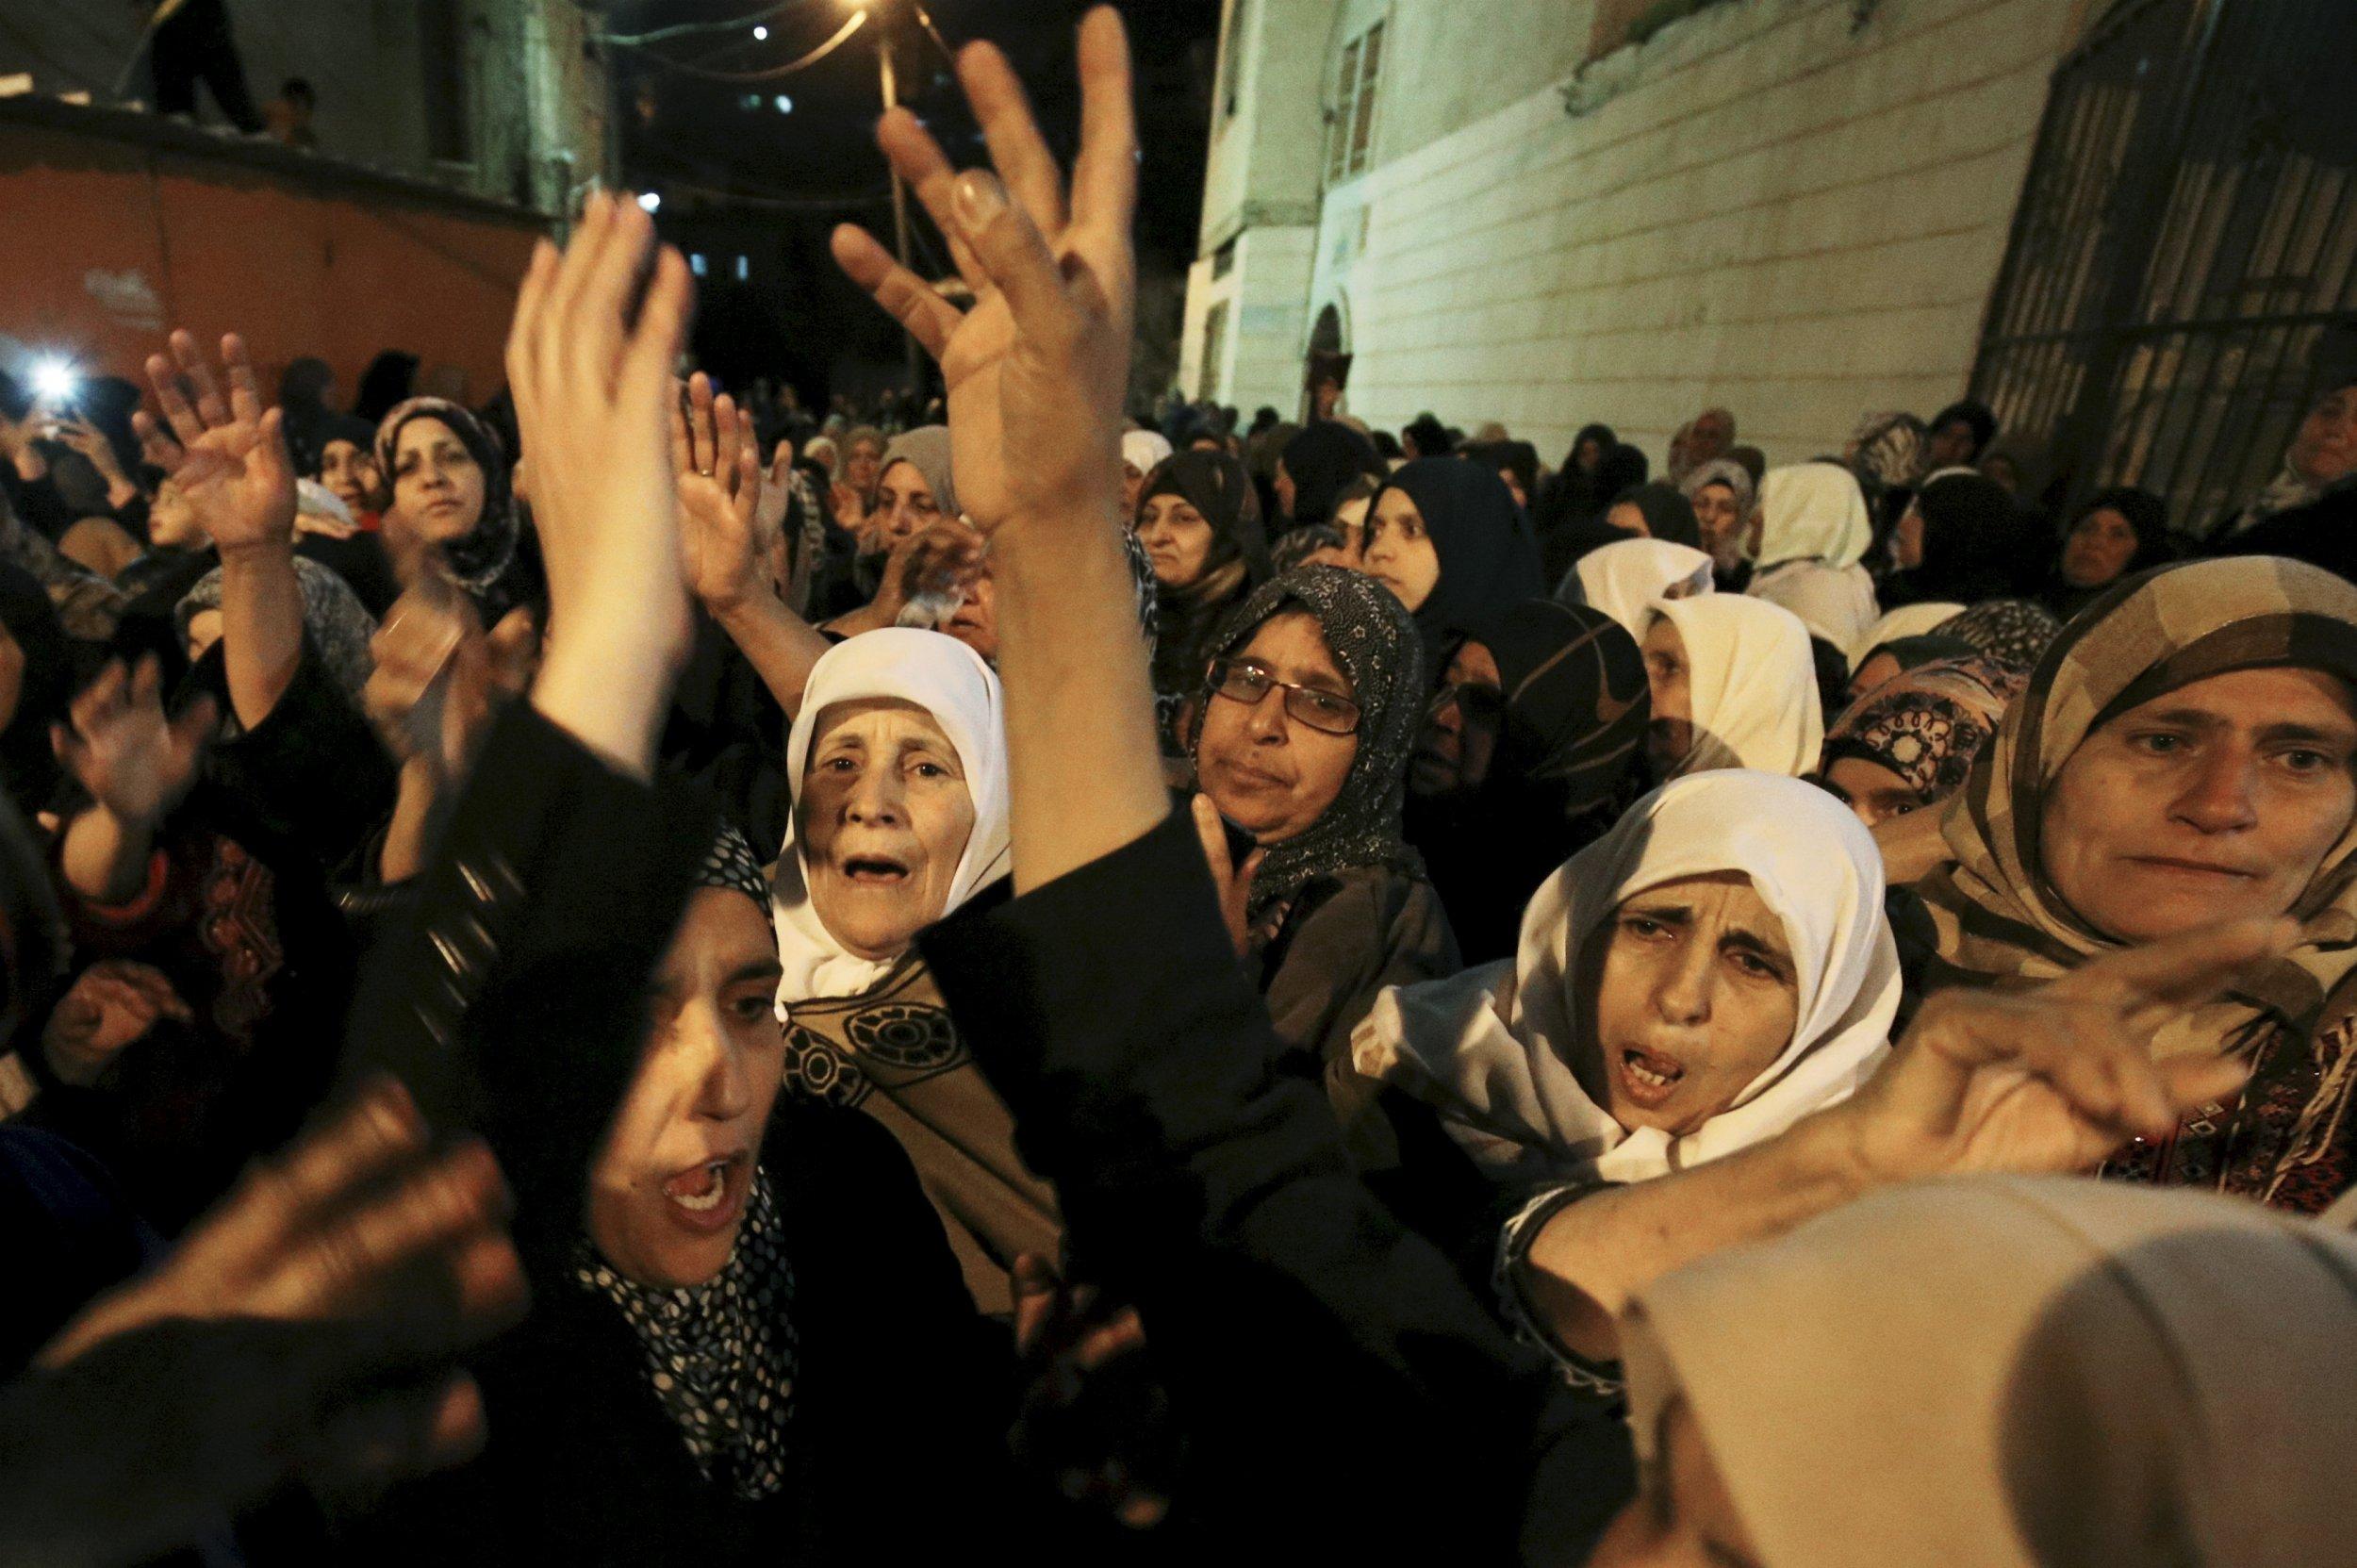 Jerusalem Bread Foundation West Bank Israel Jerusalem Conflict Stabbing Idf